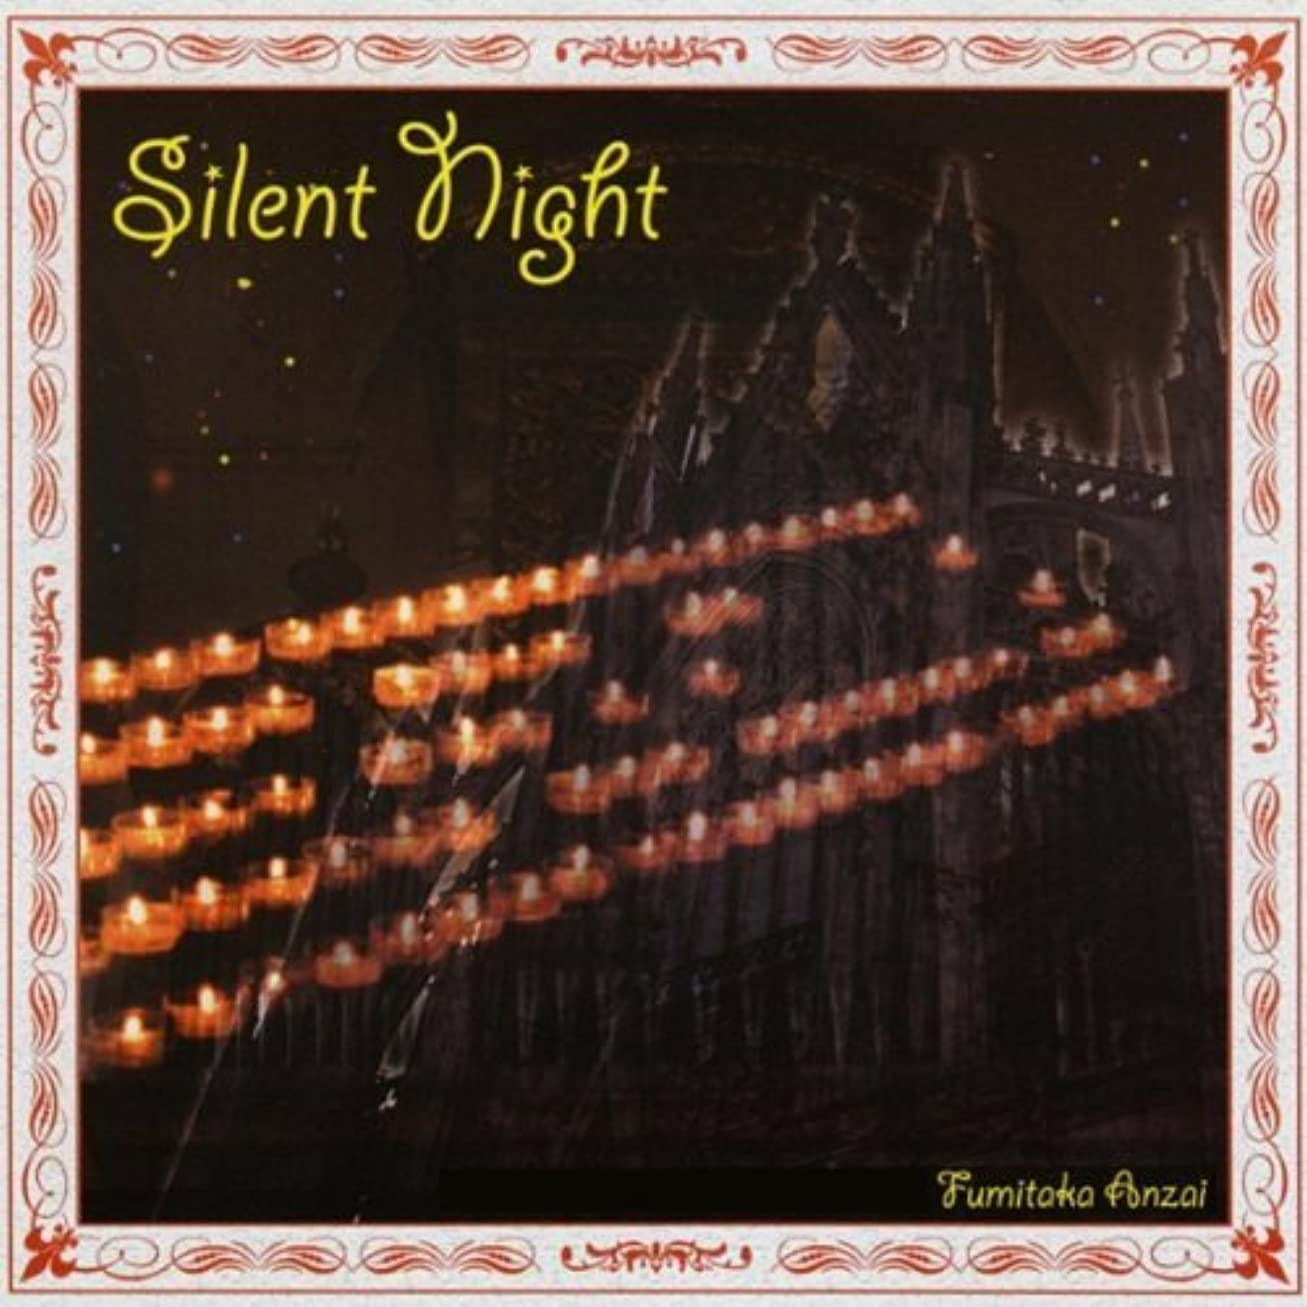 エンジンオーバーランリルSilent Night [CD] Fimitaka Anzai / Aki Hata / PaPa's pleasure